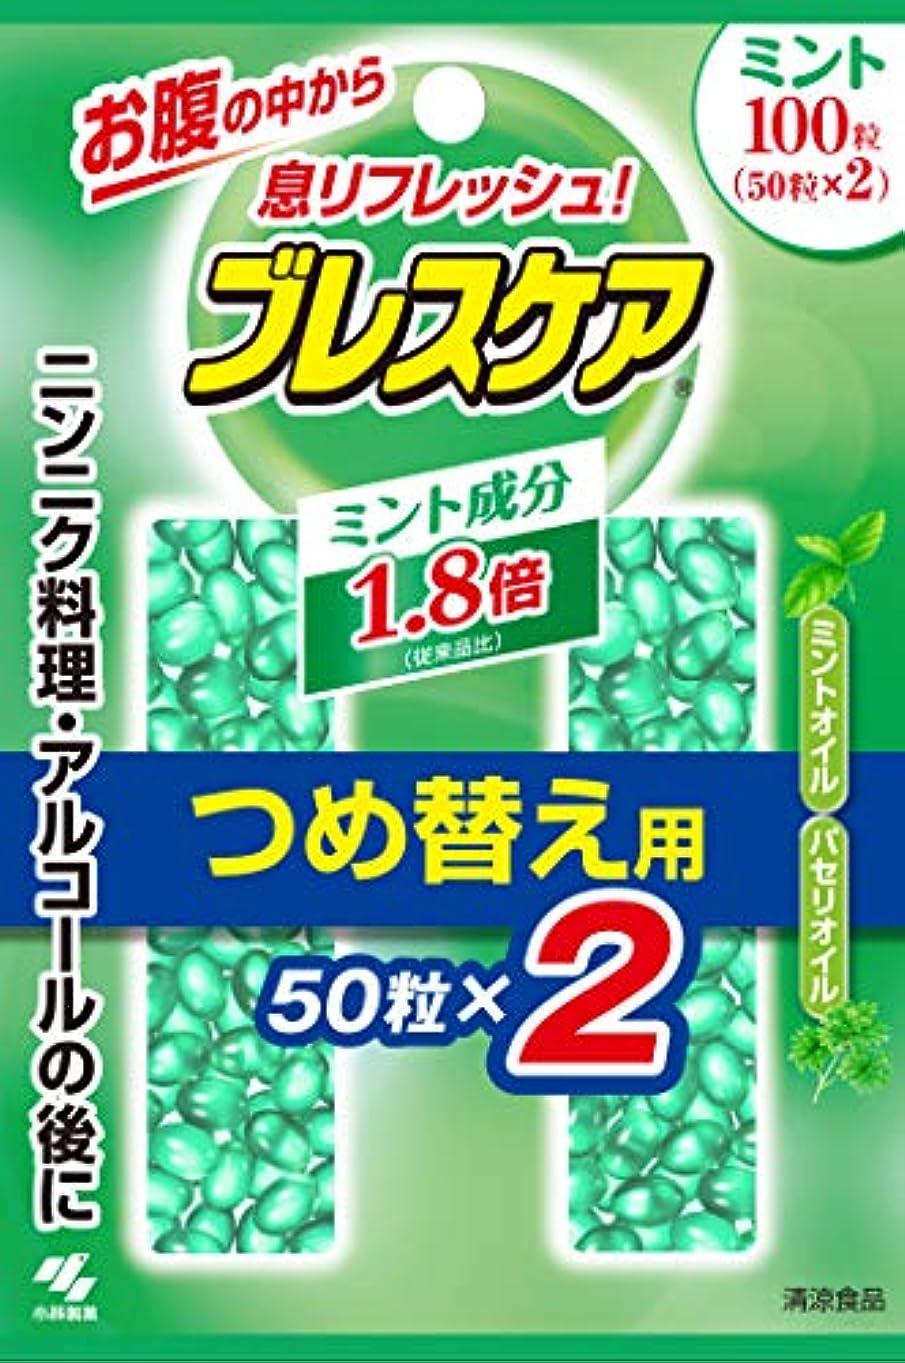 アヒルアクティブせっかちブレスケア 水で飲む息清涼カプセル 詰め替え用 ミント 100粒